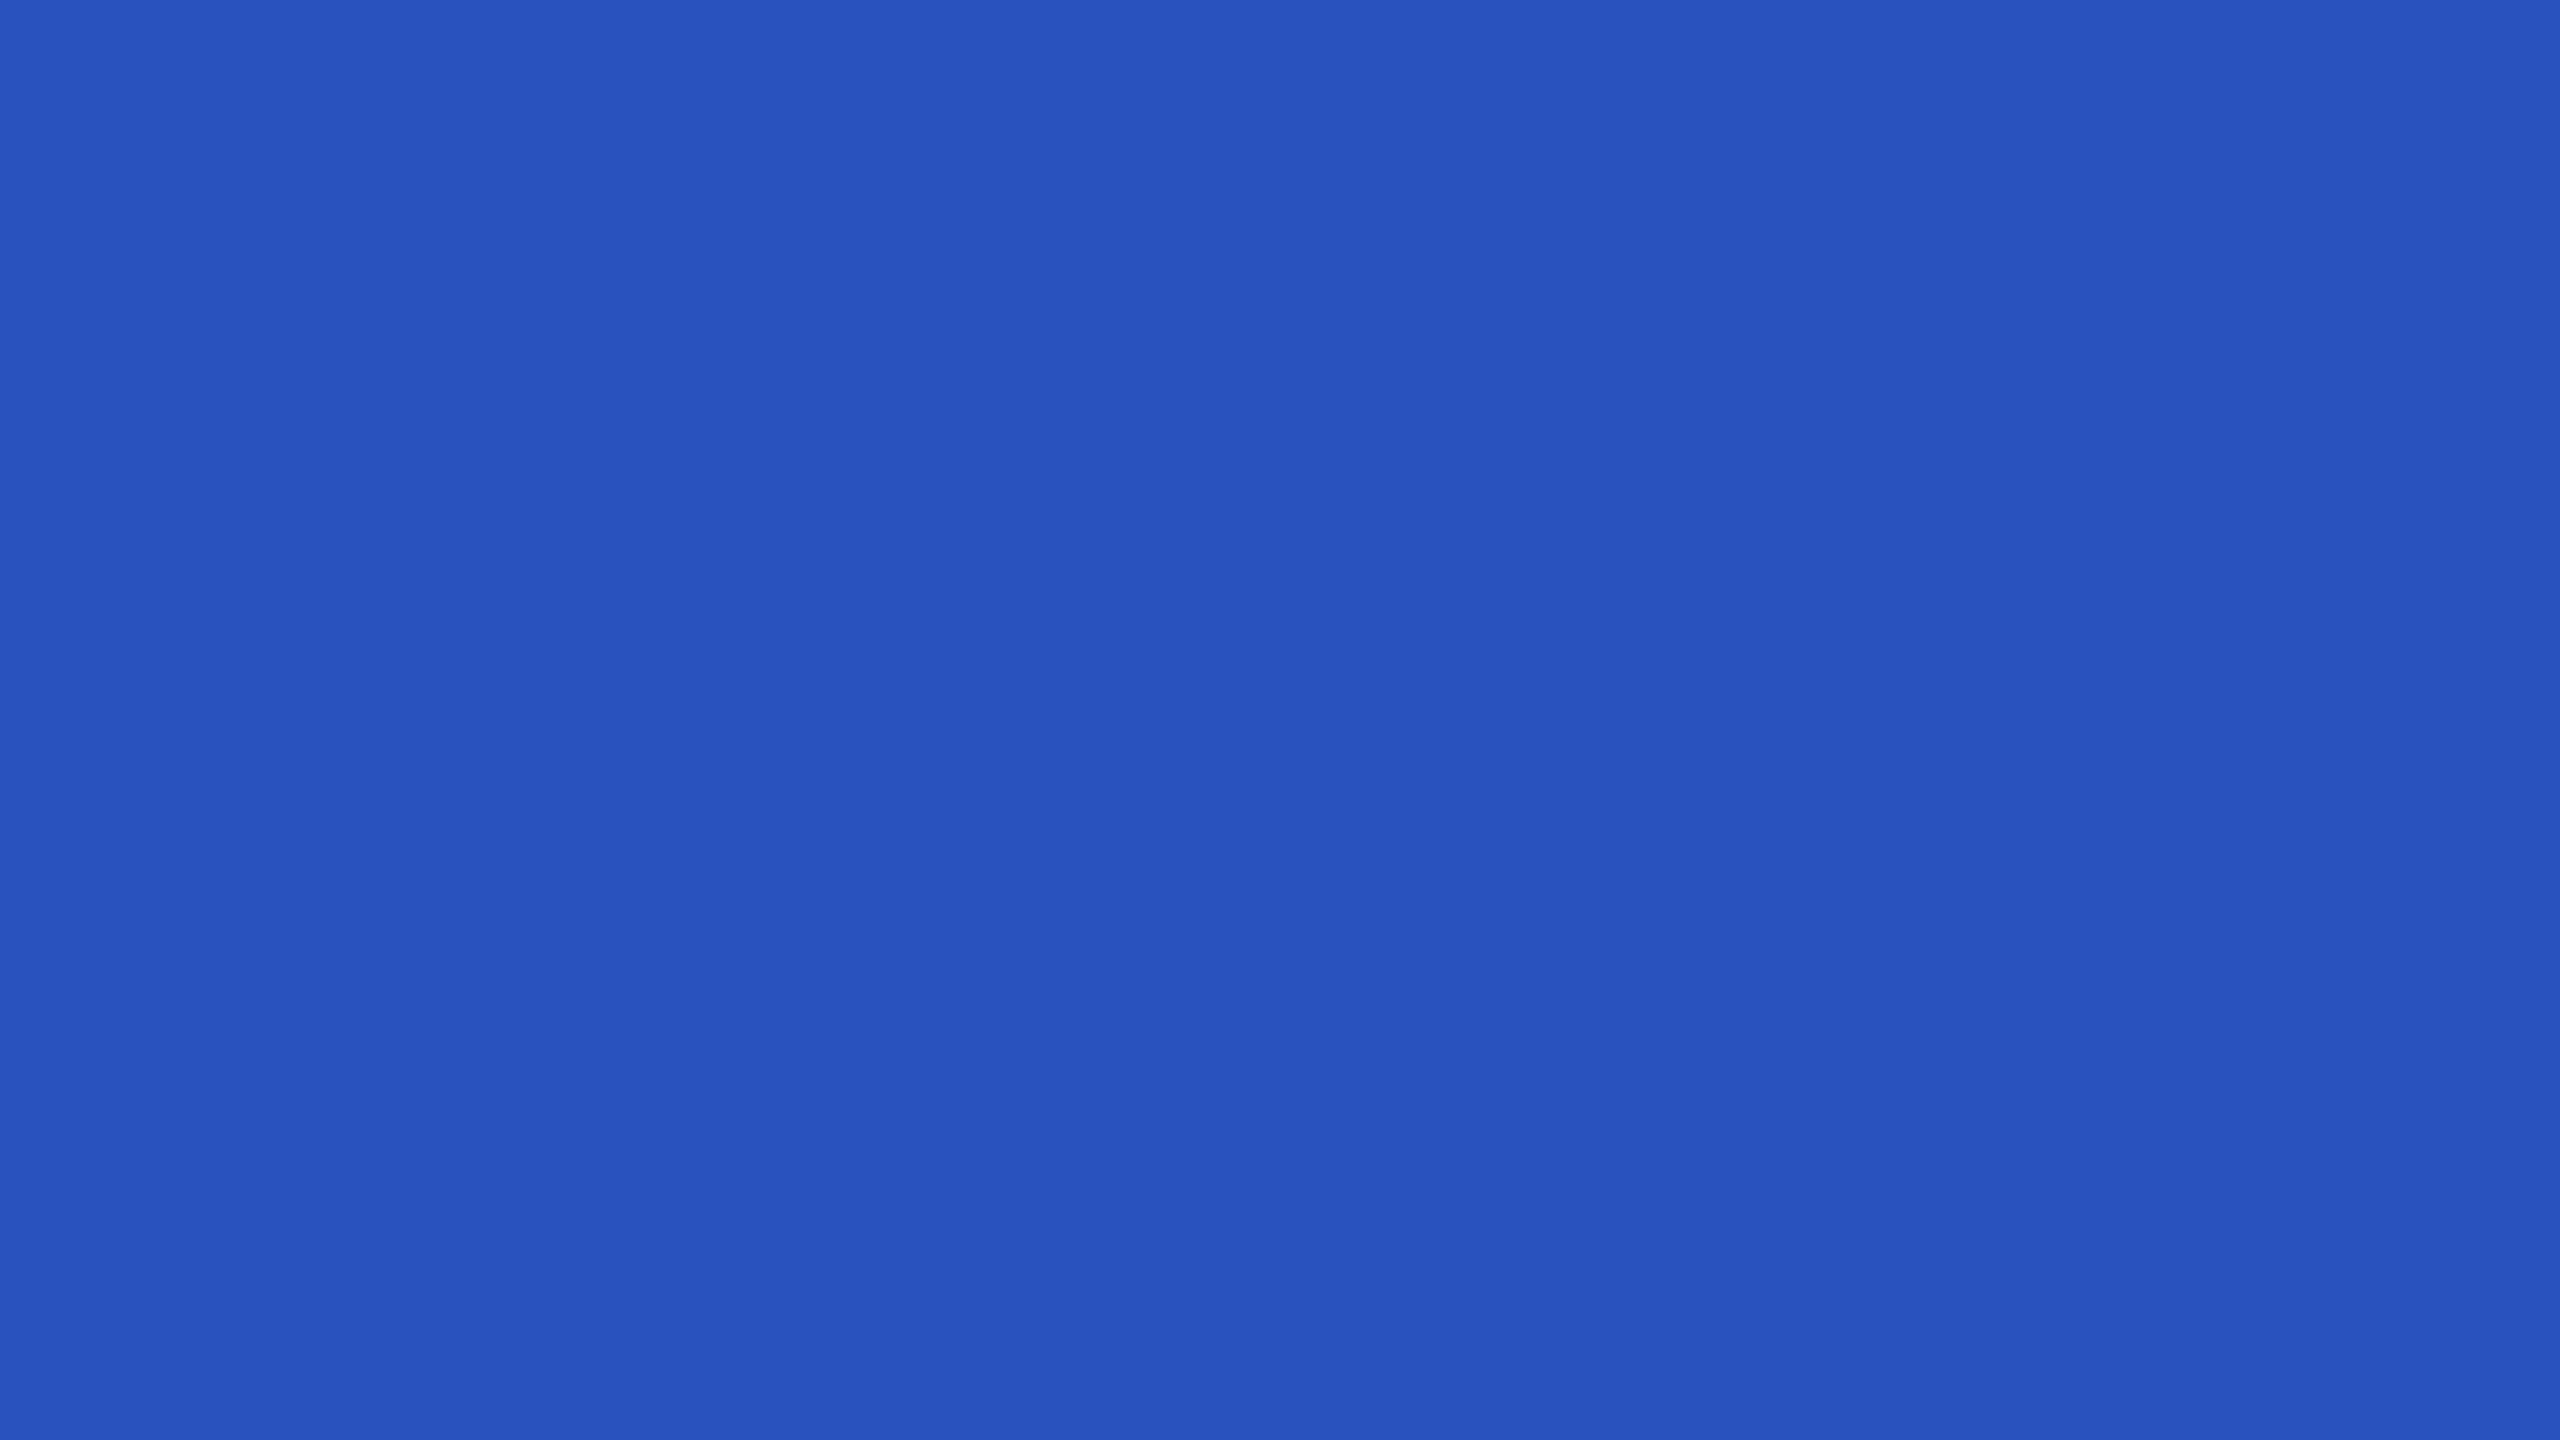 2560x1440 cerulean blue solid color background. Black Bedroom Furniture Sets. Home Design Ideas